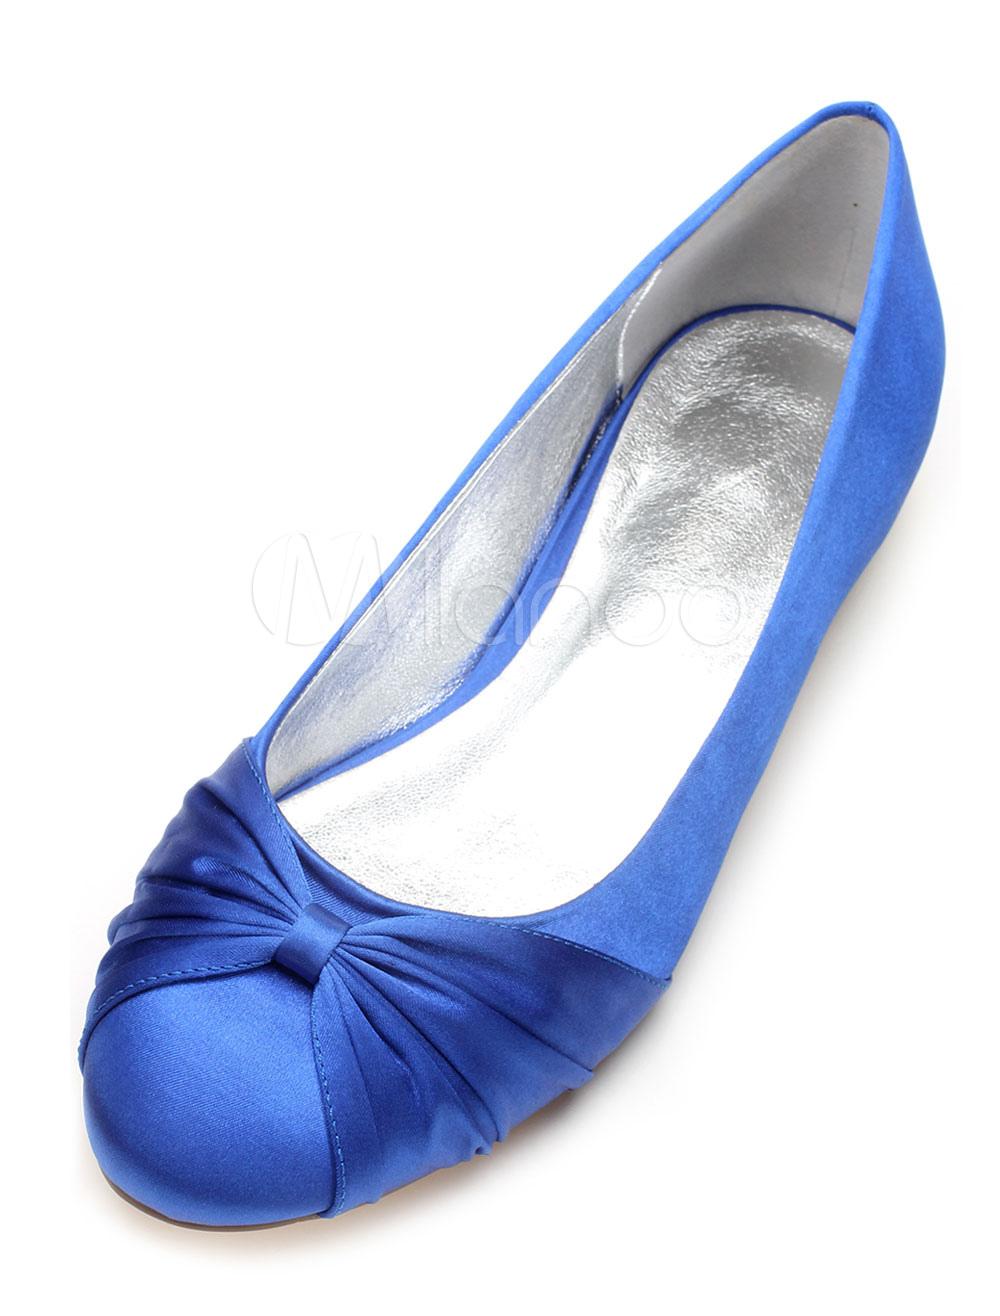 Zapatos de puntera redonda Planos de seda y satén elegantes para boda 8ORml